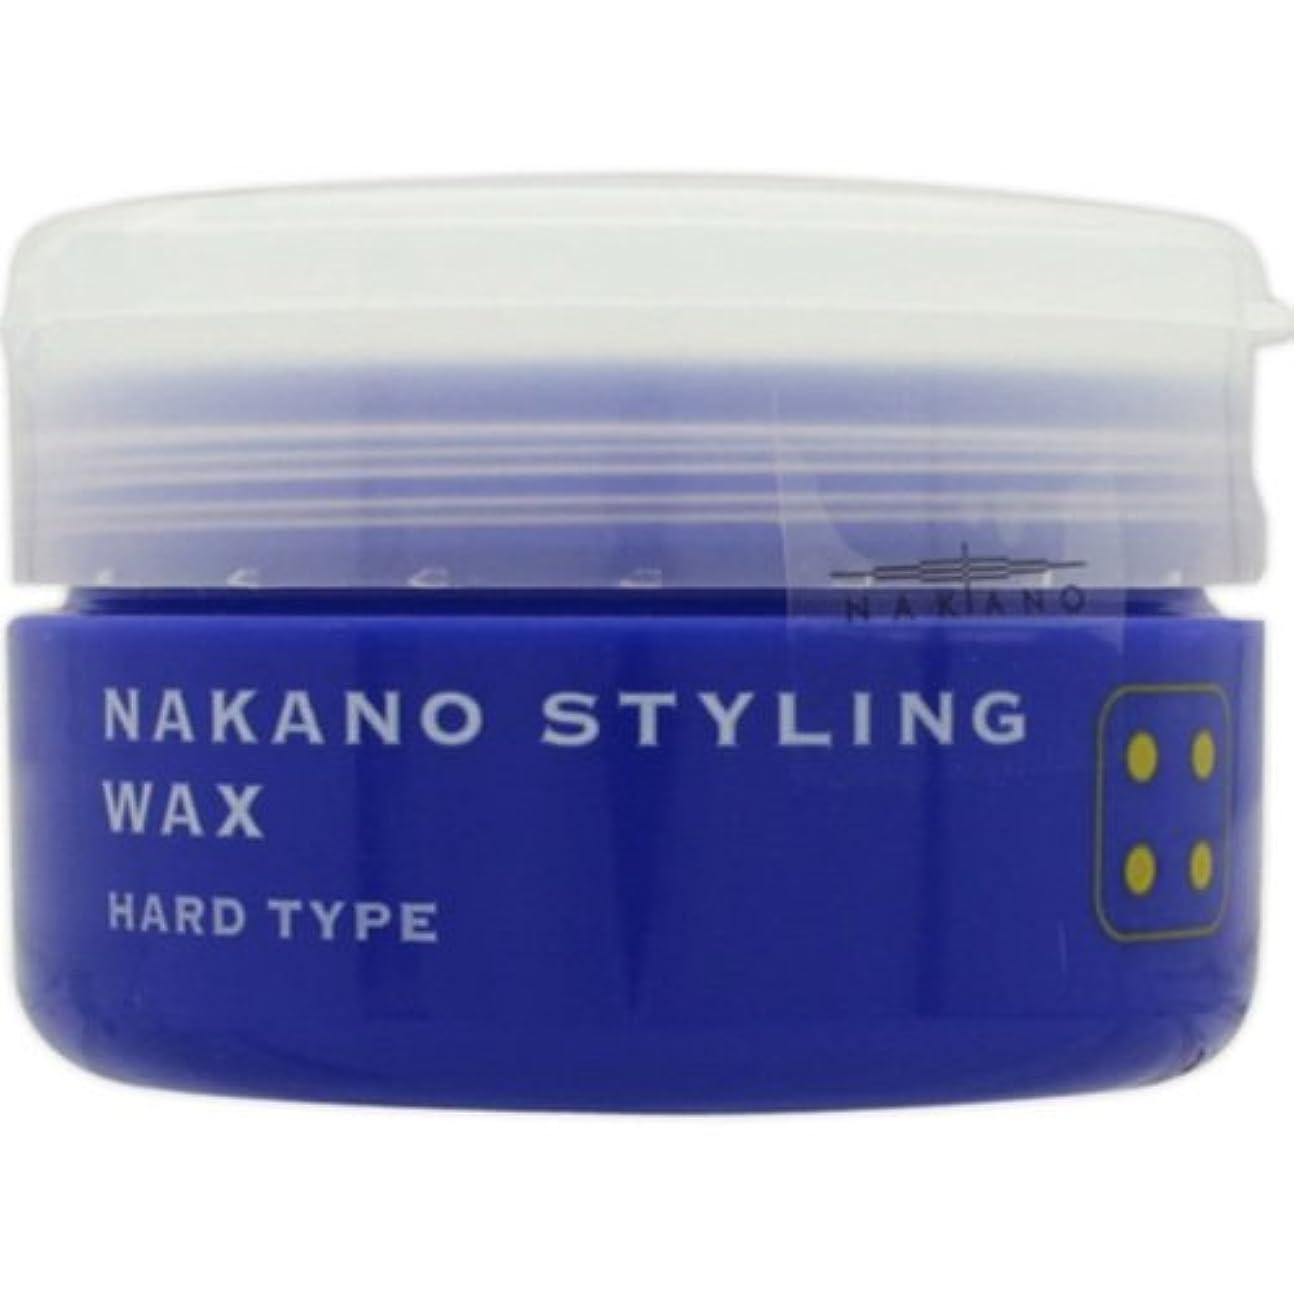 地上で怒りレタスナカノ スタイリングワックス 4 ハードタイプ 90g 中野製薬 NAKANO